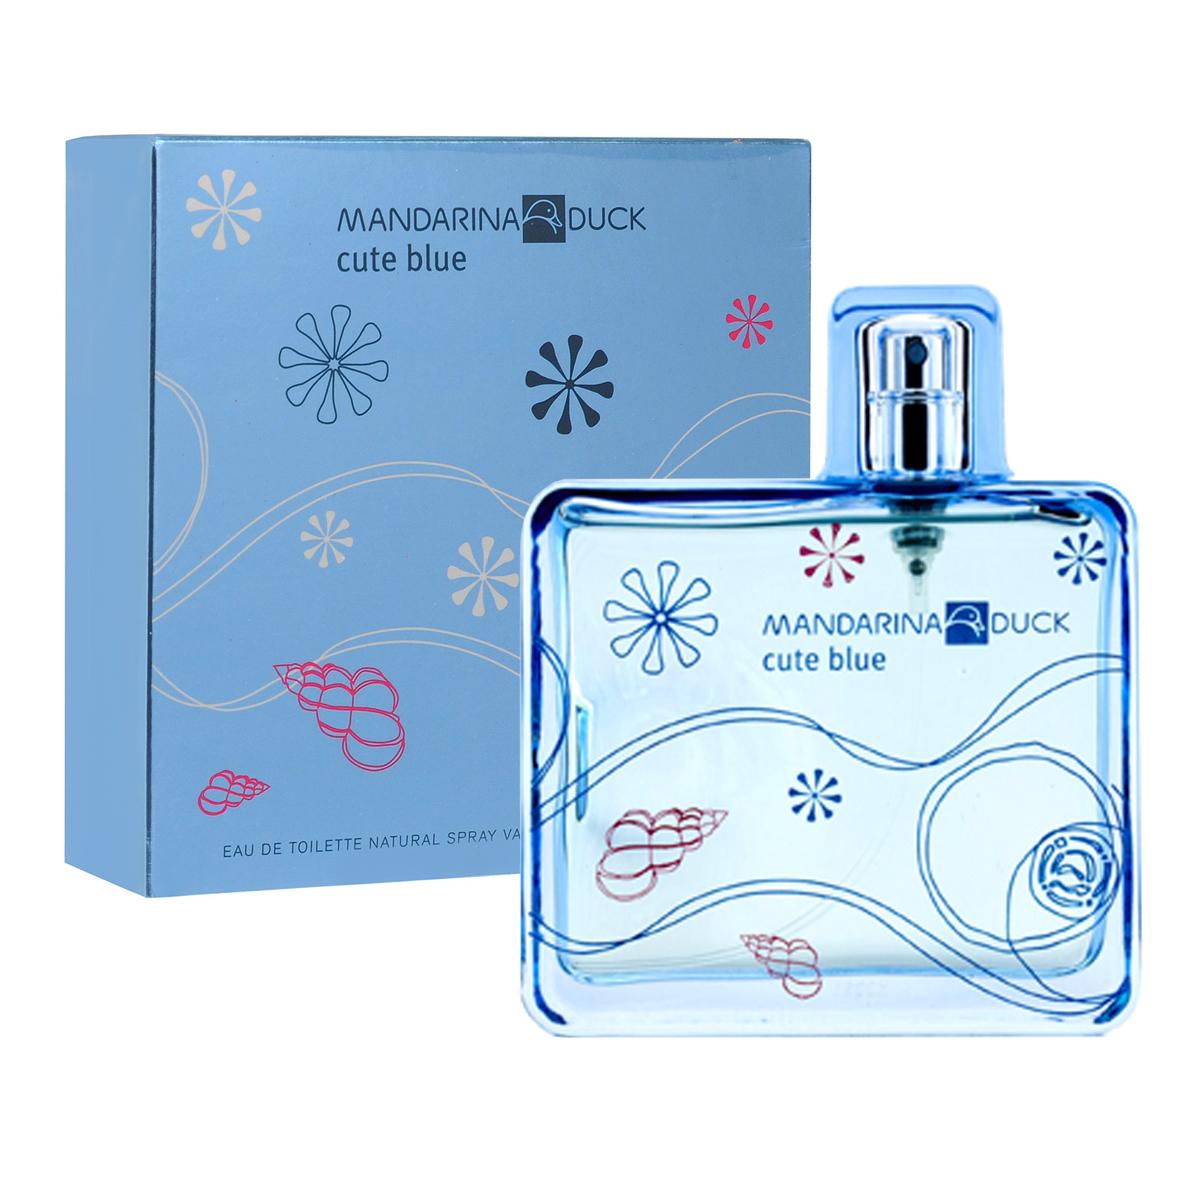 Mandarina Duck Туалетная вода Cute Blue, женская, 100 мл47104Туалетная вода Cute Blue от Mandarina Duck - свежий водный и цветочно-фруктовый аромат для тех, кто любит природу и открытое пространство. Древесная теплота базовых нот гармонизирует это парфюмерное творение. Освежающий аромат тысячи лепестков, парящих в воздухе…Аромат счастья, витающего в светлом голубом небе. Лотос, магнолия и цветы грейпфрута соединяются с игривым имбирем и нотами росы. Вуаль белого мускуса, серой амбры и кедра наполняет аромат нежным сексуальным шлейфом… Классификация аромата : свежий, цветочно-фруктовый. Пирамида аромата : Верхние ноты: цветы грейпфрута, бергамот, голубой лотос. Ноты сердца: свежий имбирь, магнолия, воздушная дымка. Ноты шлейфа: масло техасского кедра, серая амбра, белый мускус. Ключевые слова Легкий, свежий, сексуальный! Туалетная вода - один из самых популярных видов парфюмерной продукции. Туалетная...